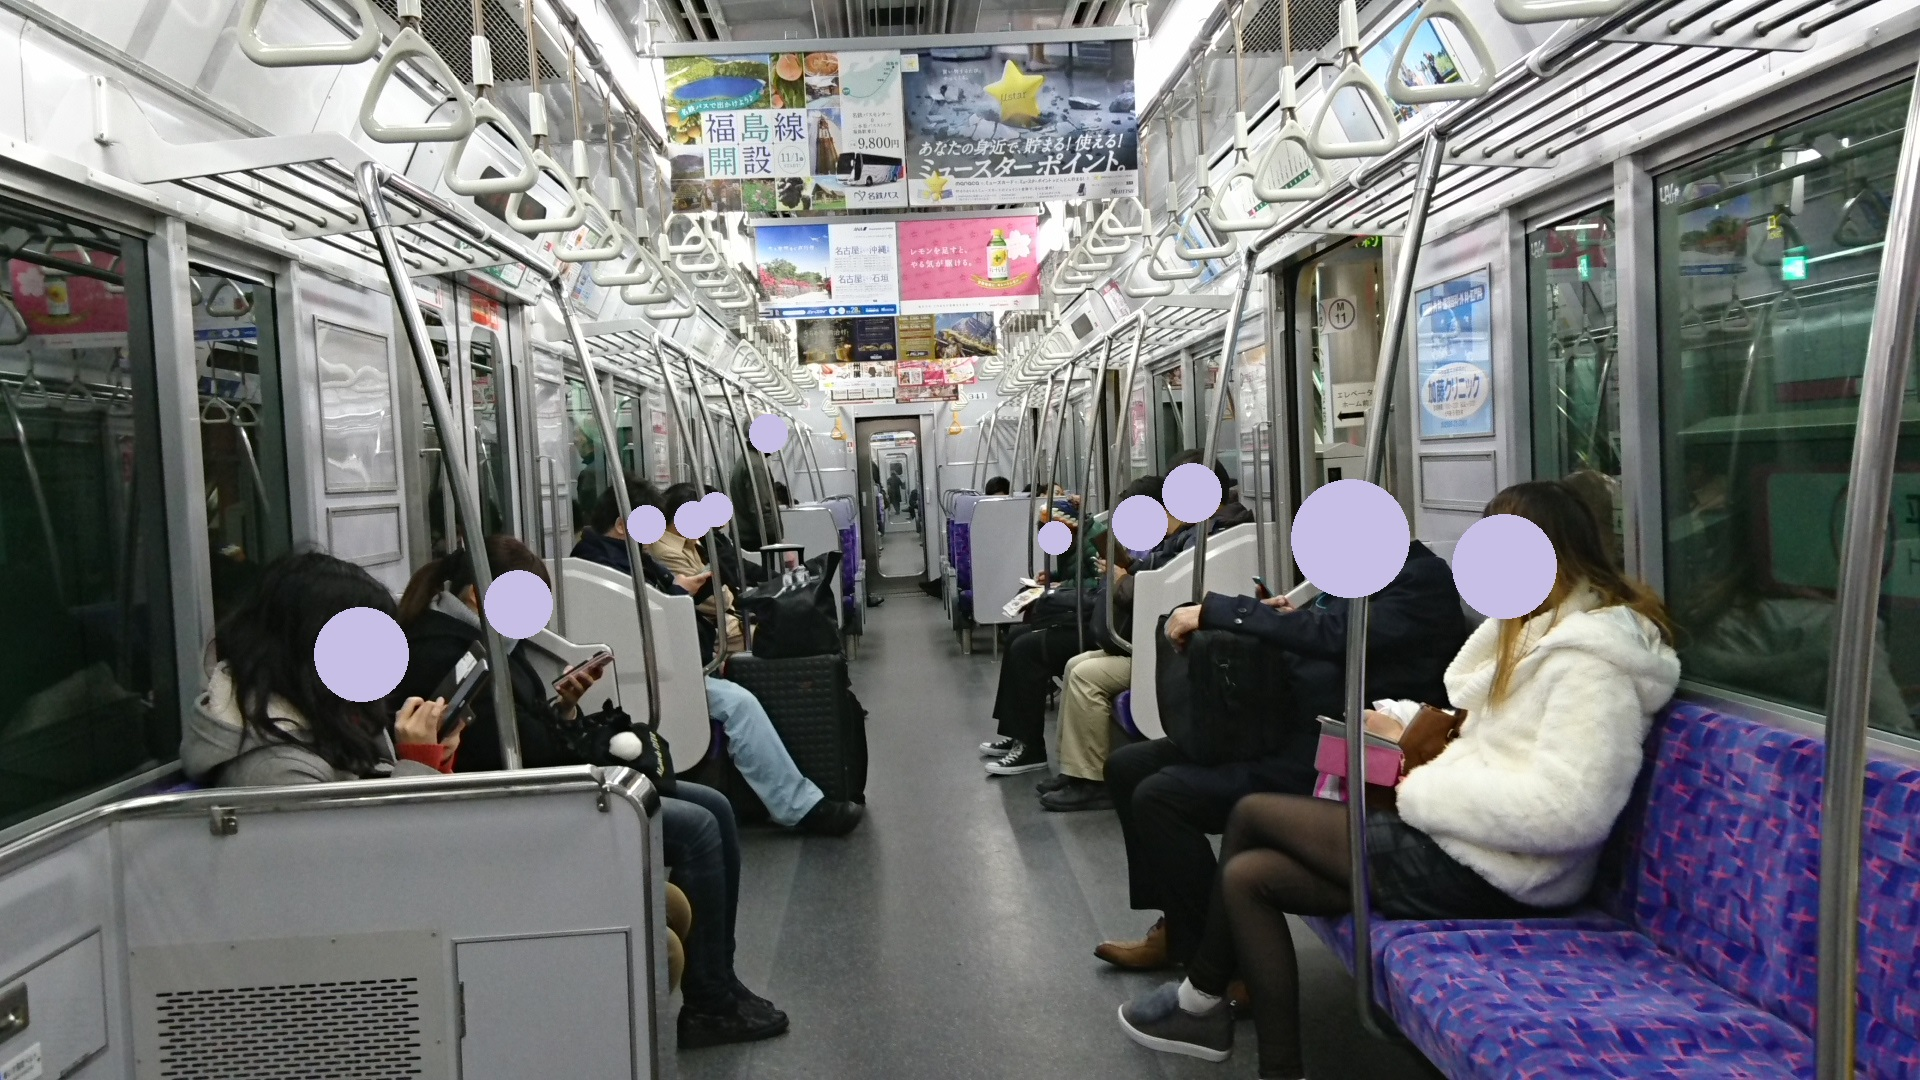 2017.1.13 名古屋から春日井まで (12) 犬山いきふつう - 平安通 1920-1080